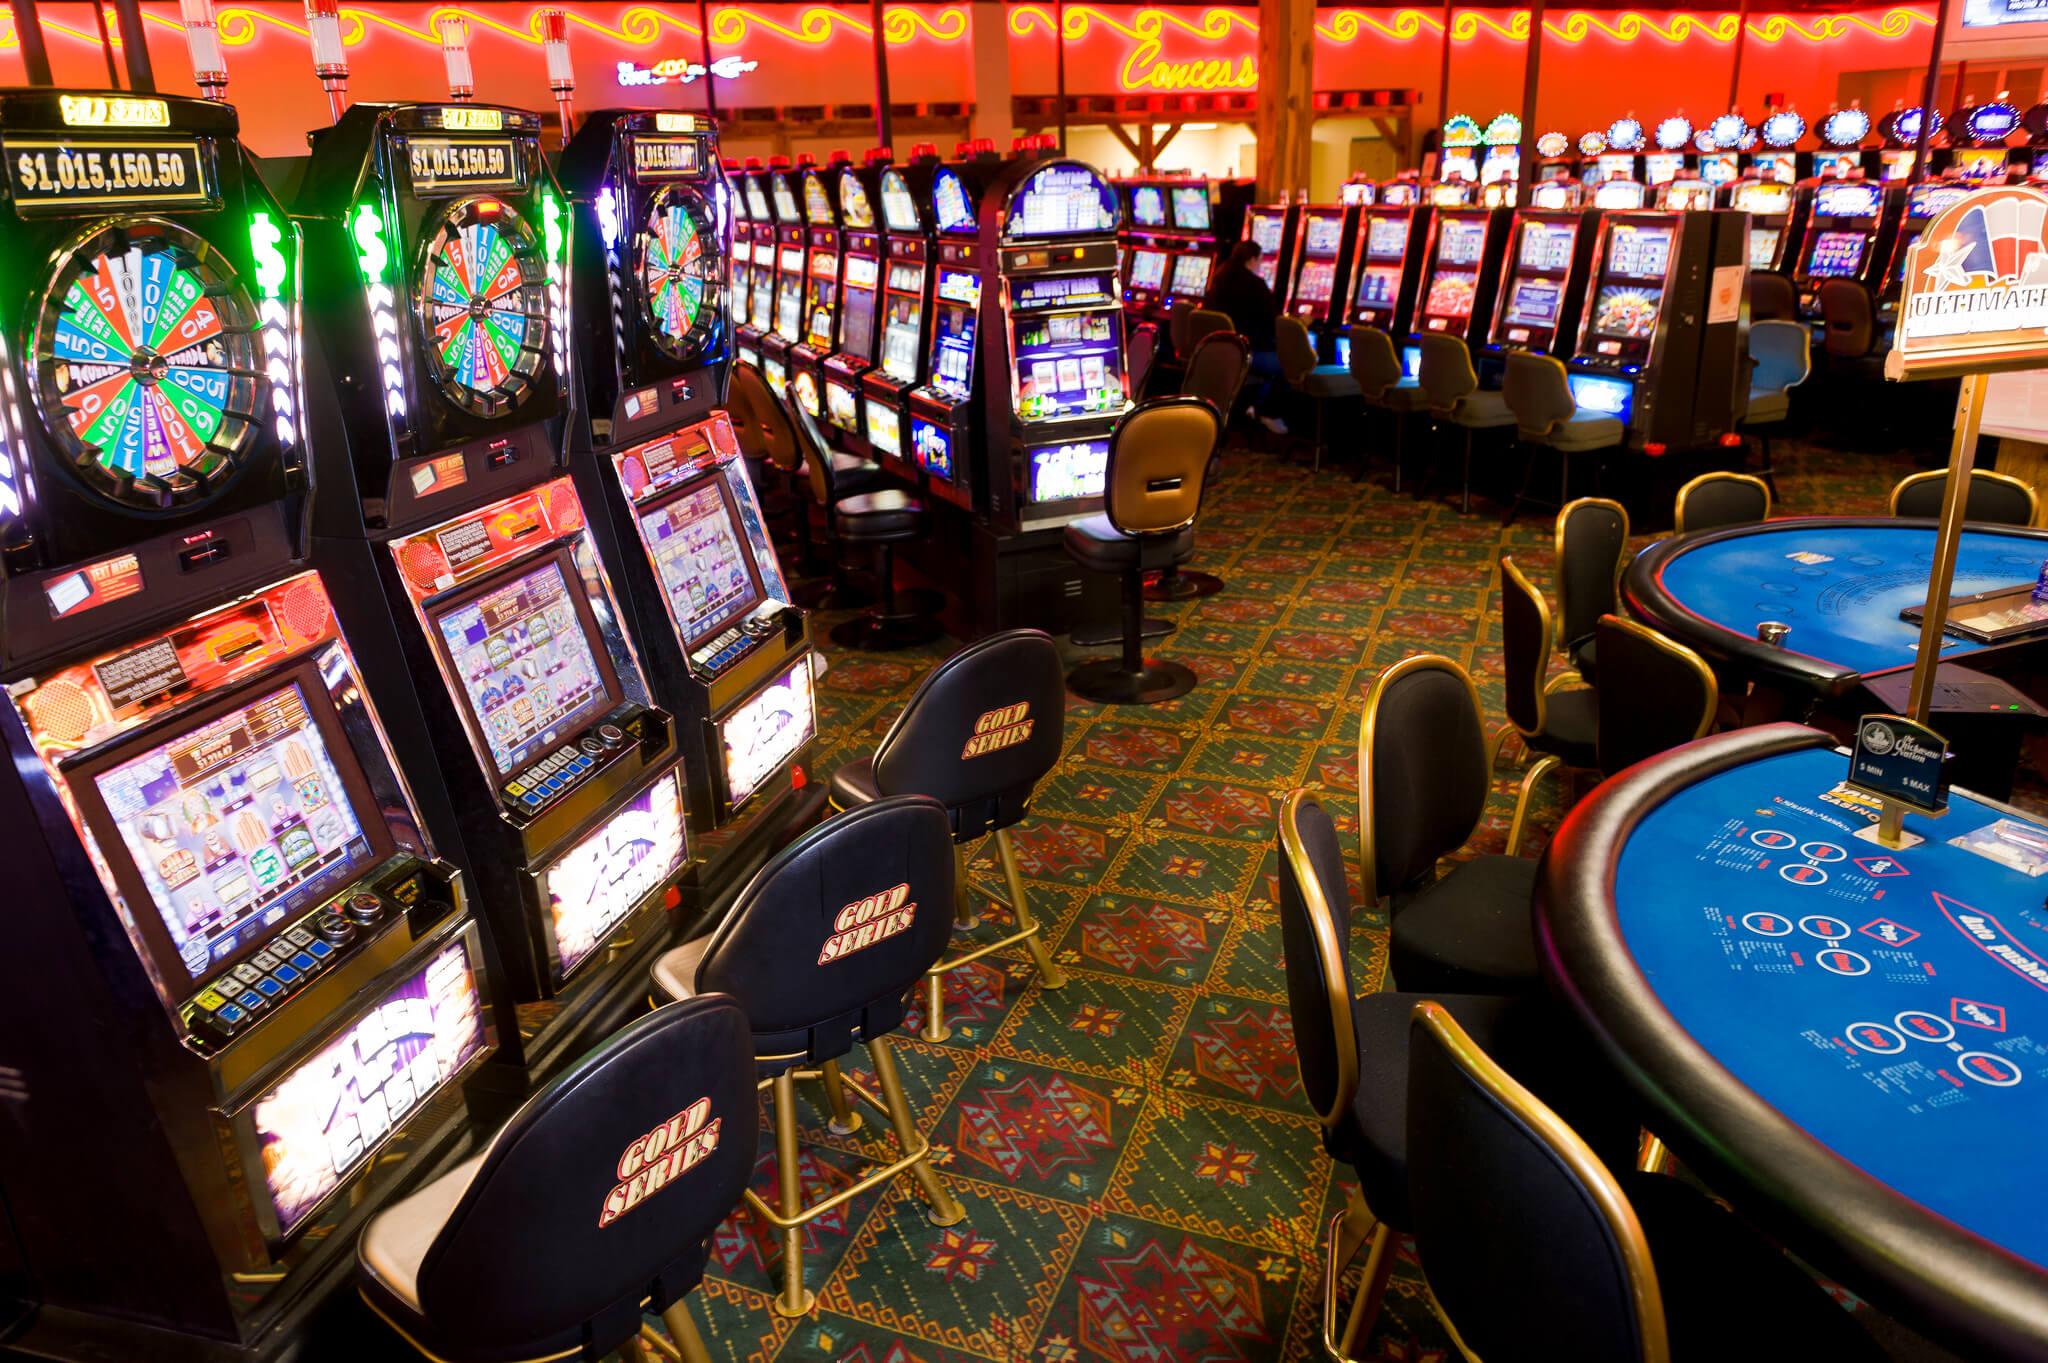 официальный сайт приложение наш мир сайн лайт казино